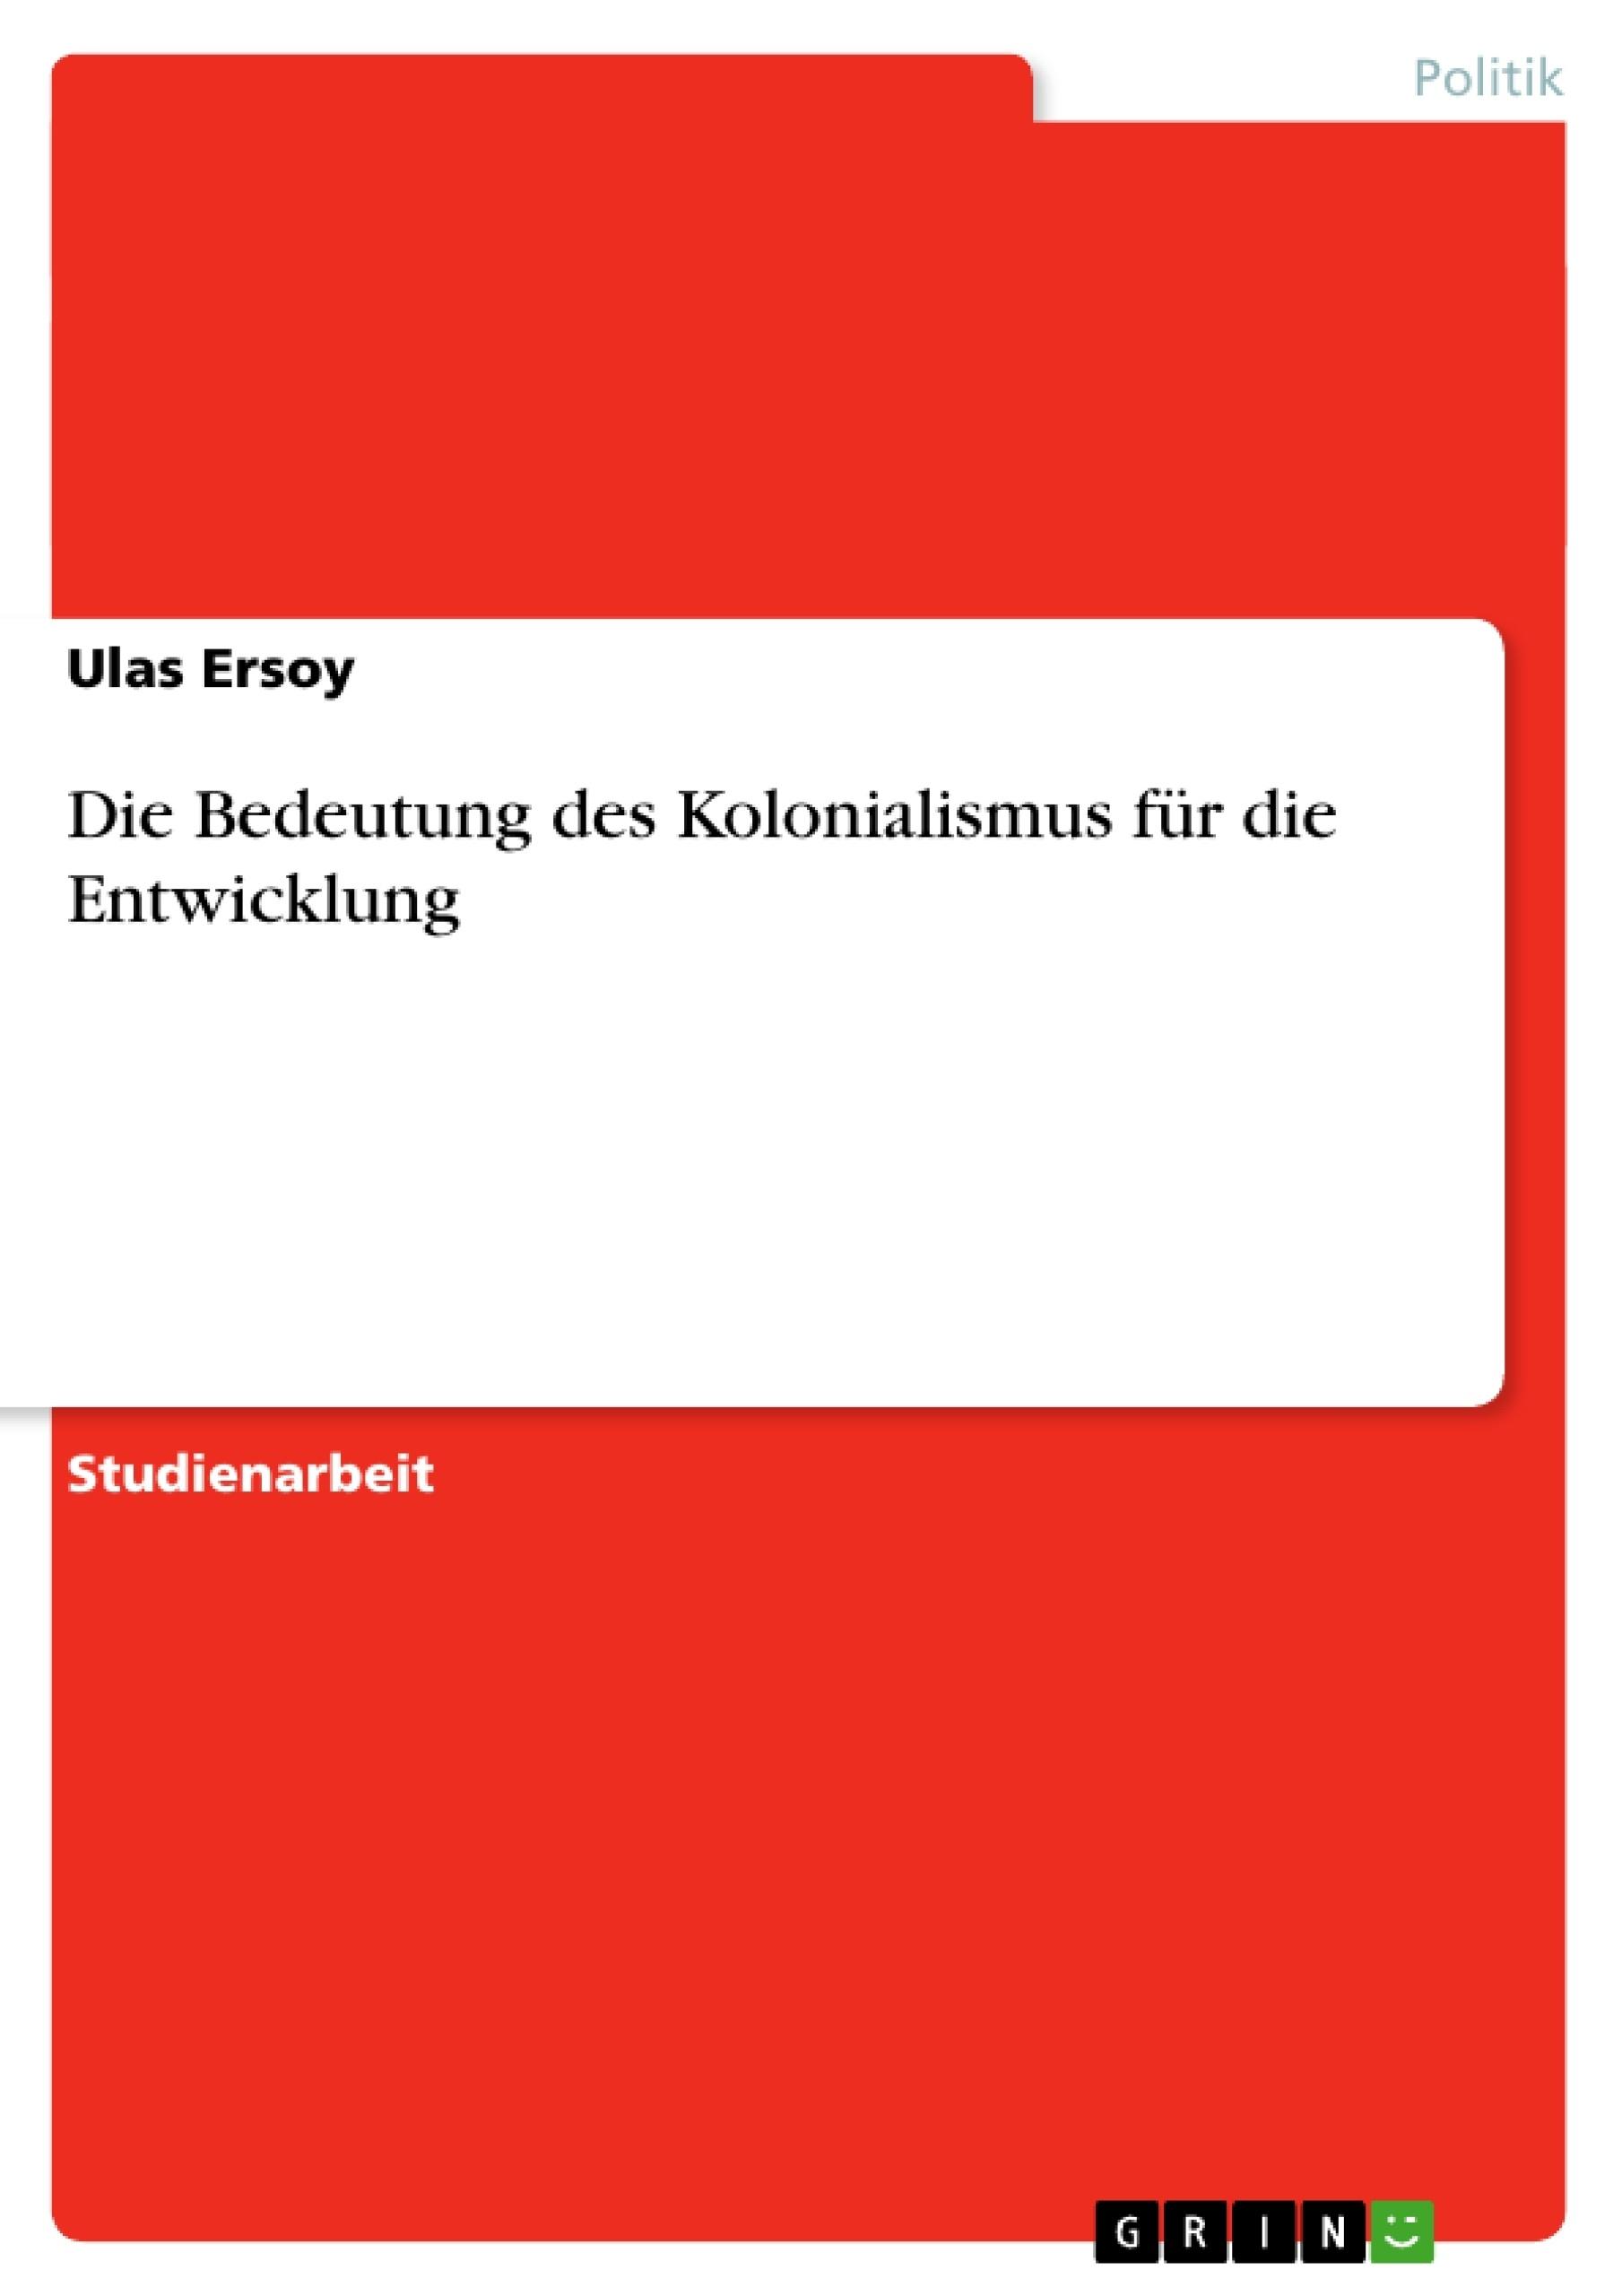 Titel: Die Bedeutung des Kolonialismus für die Entwicklung